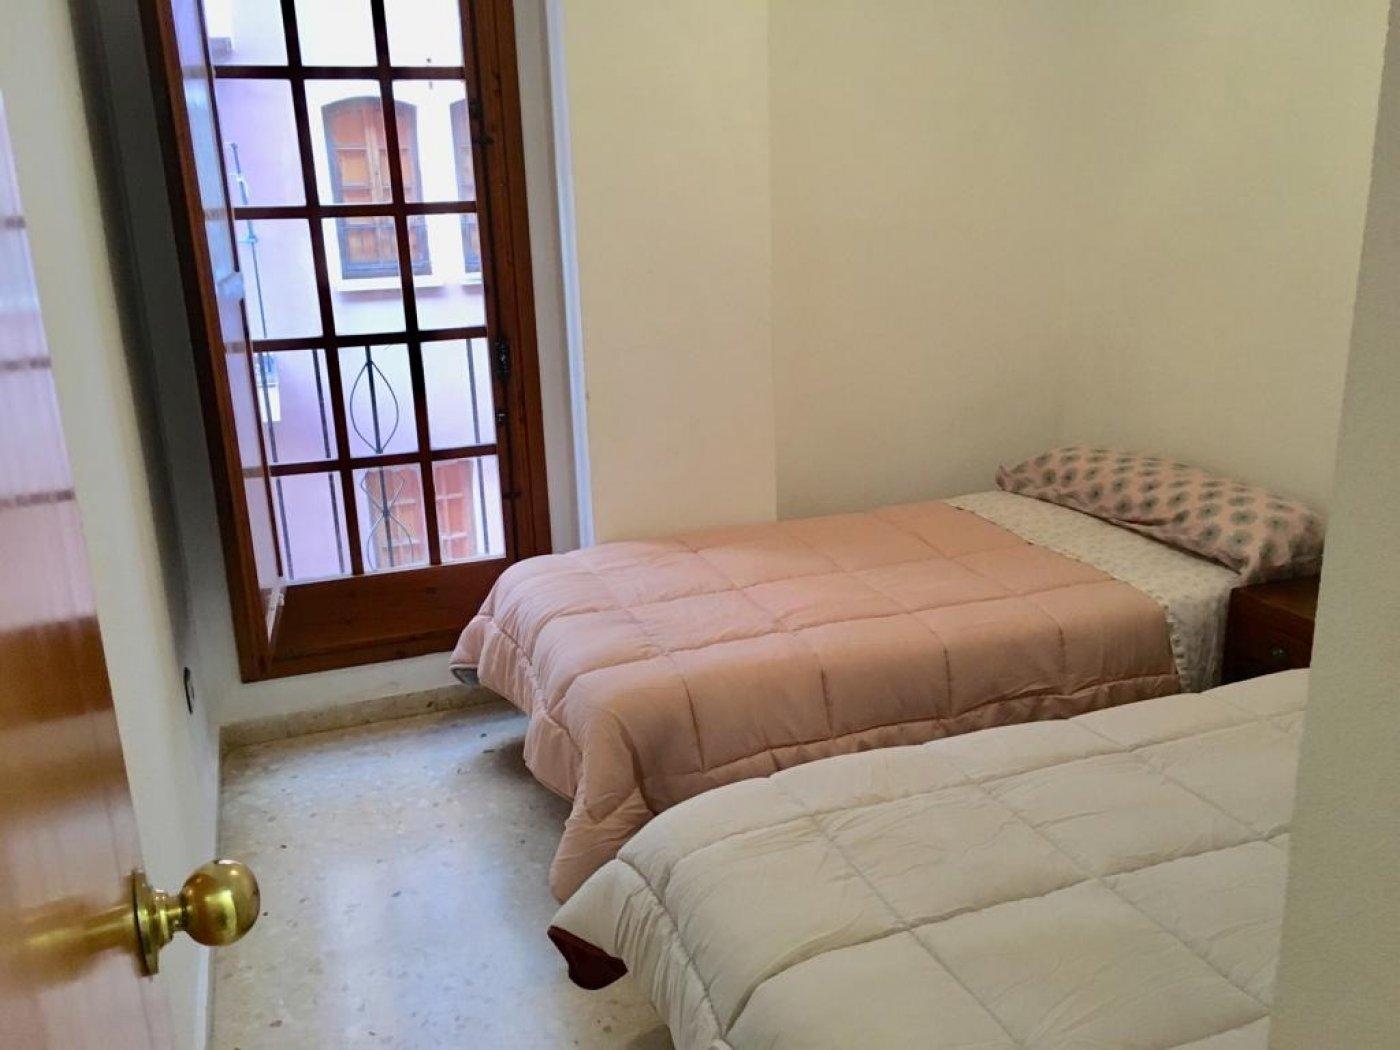 Estupendo apartamento en portsaplaya!!! - imagenInmueble17